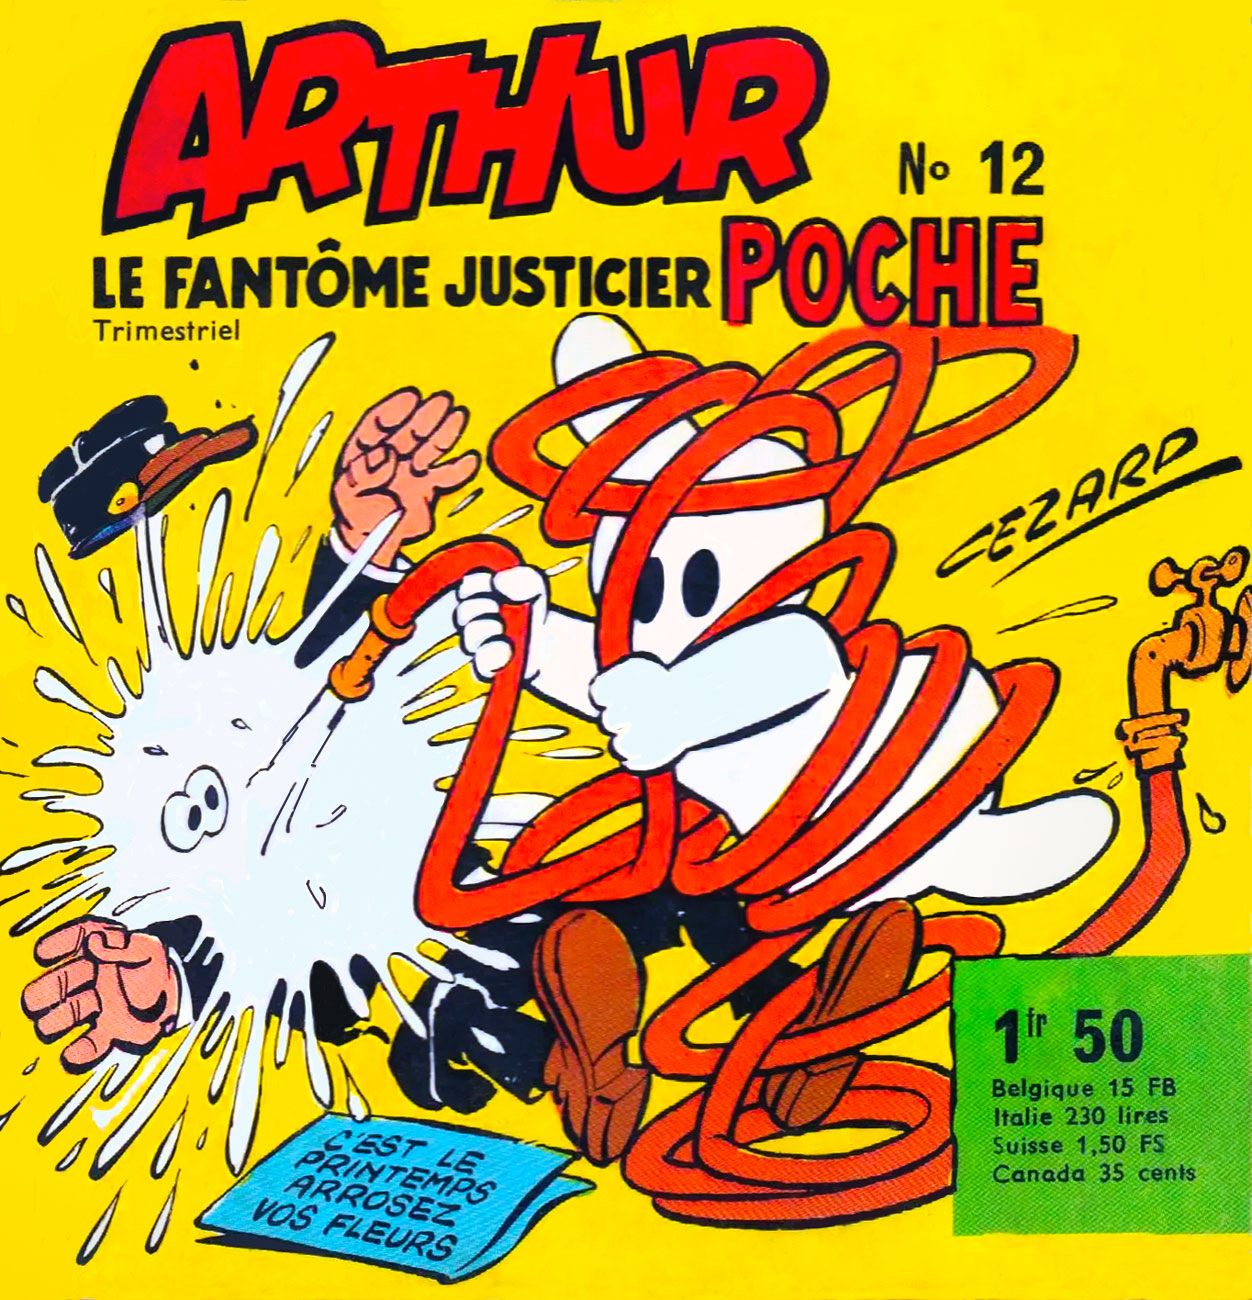 ArthurPoche12A